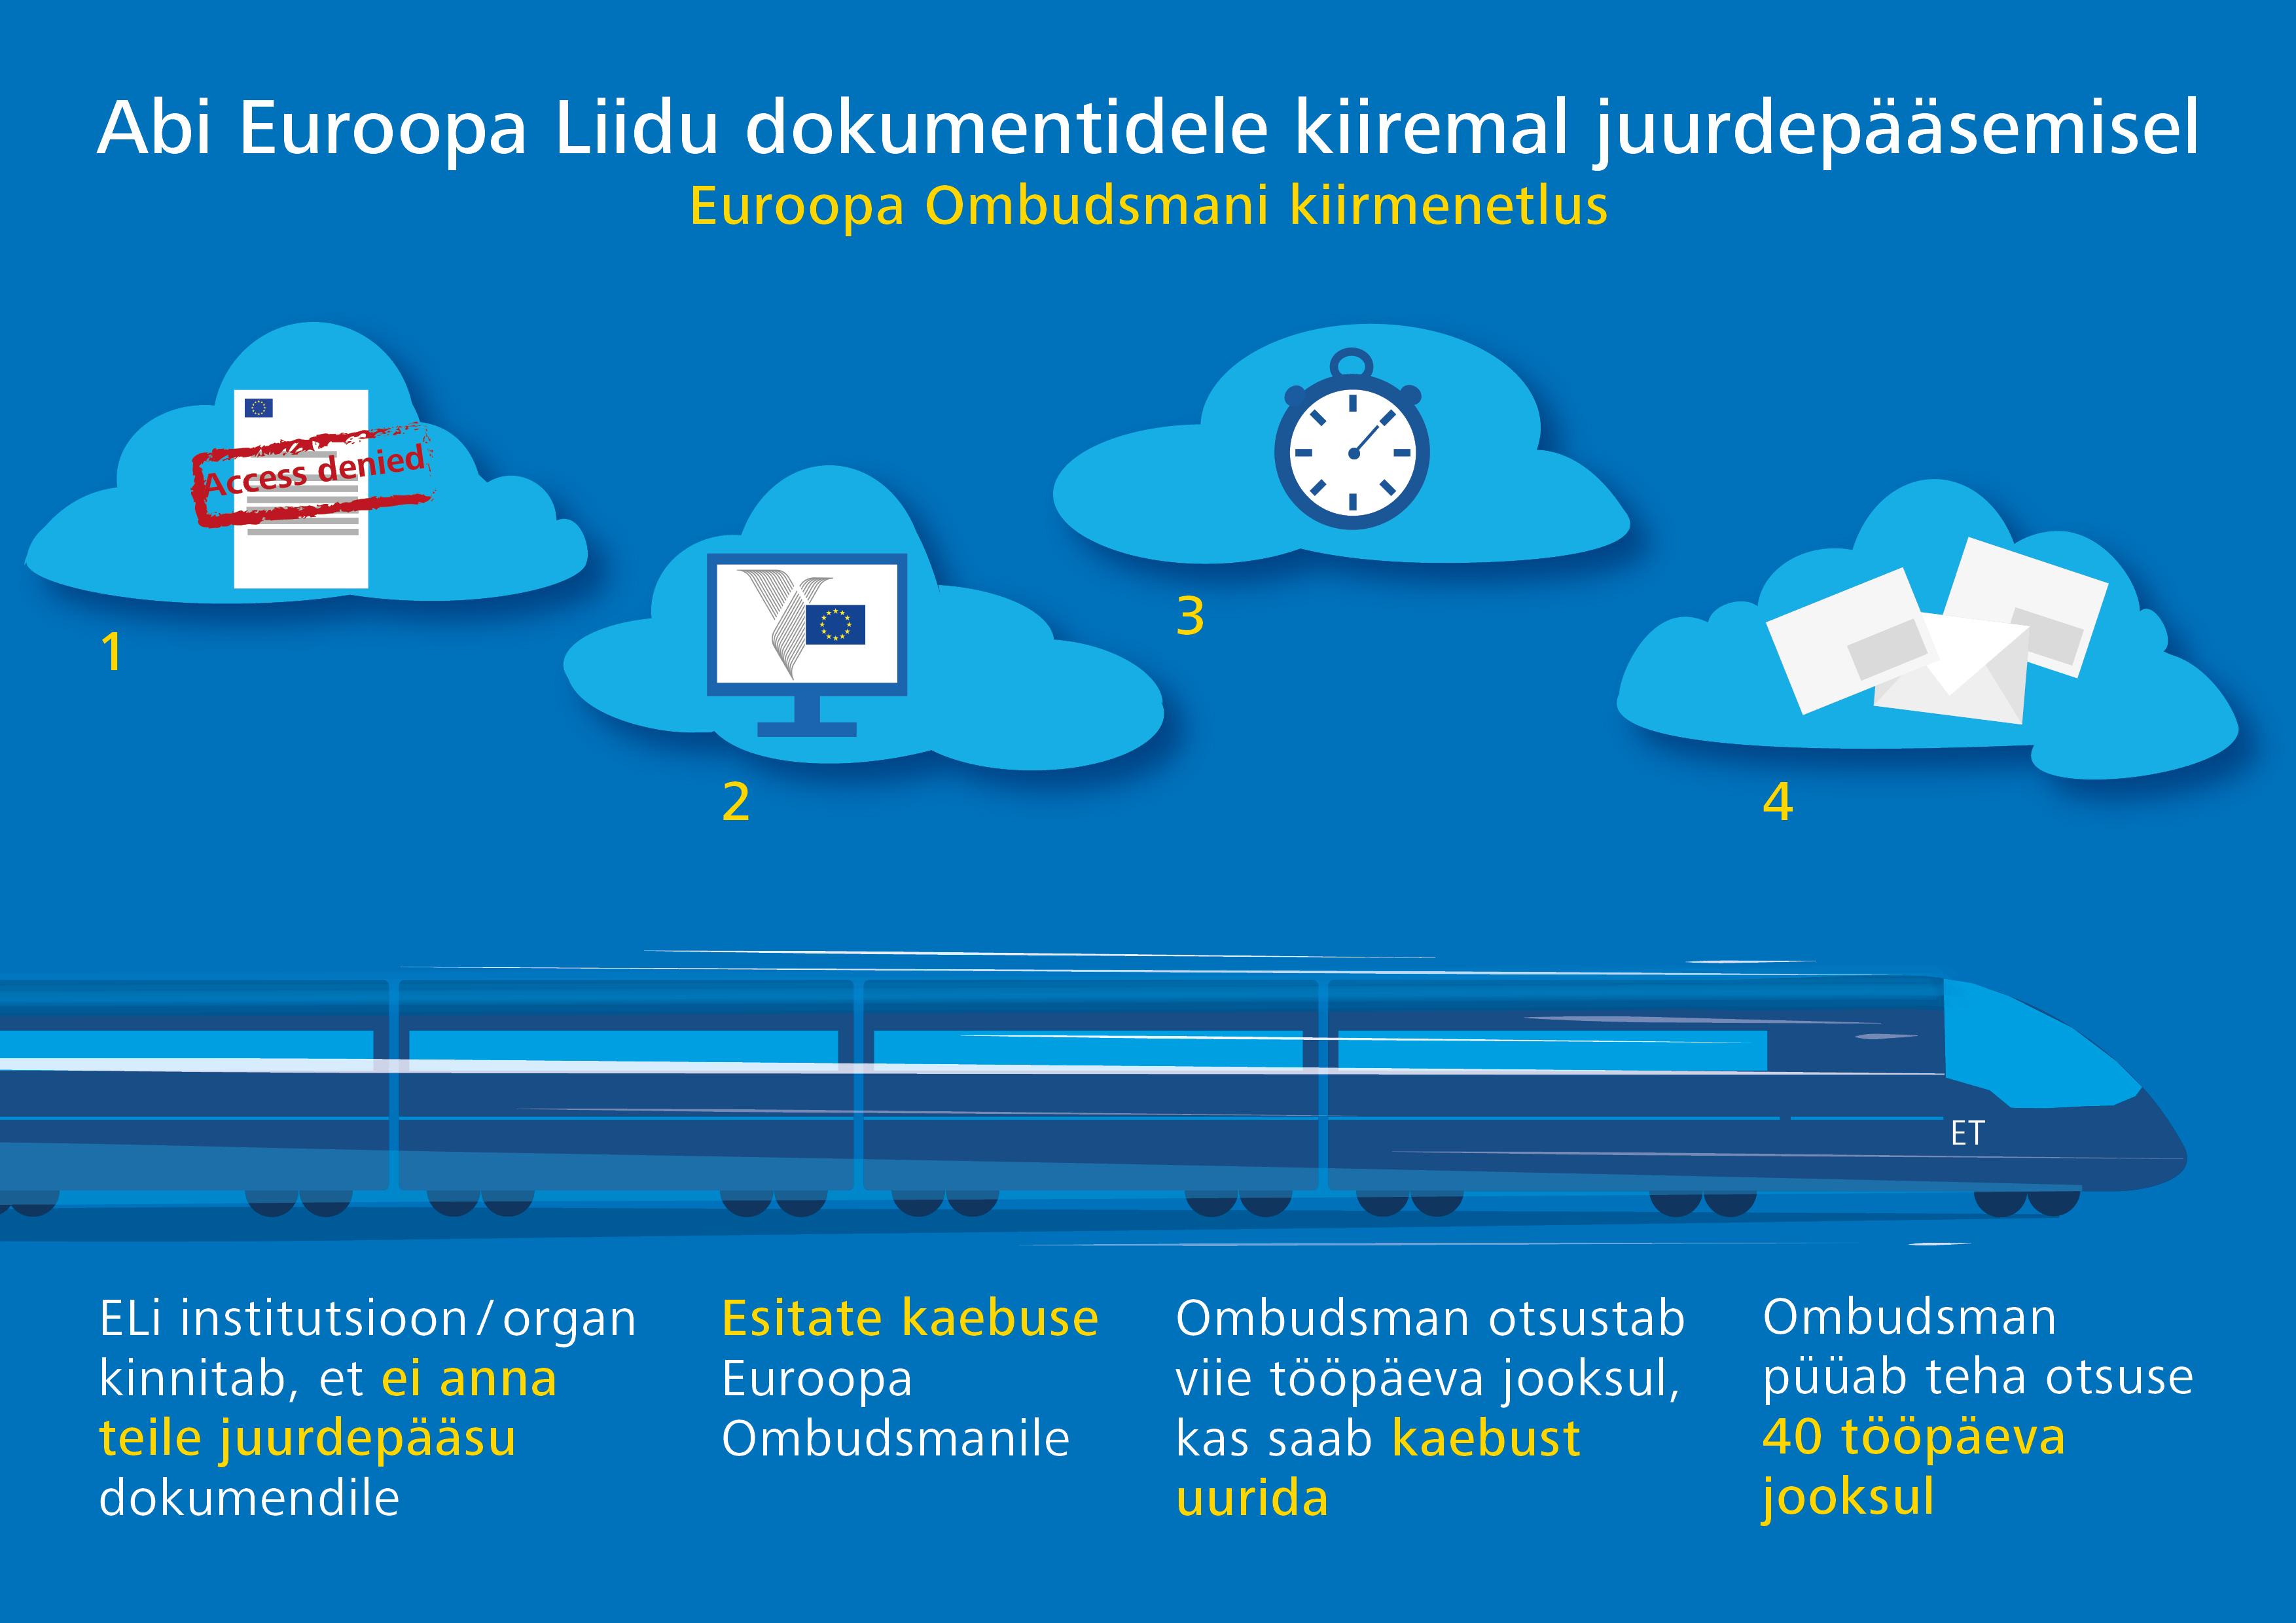 Abi Euroopa Liidu dokumentidele kiiremal juurdepääsemisel